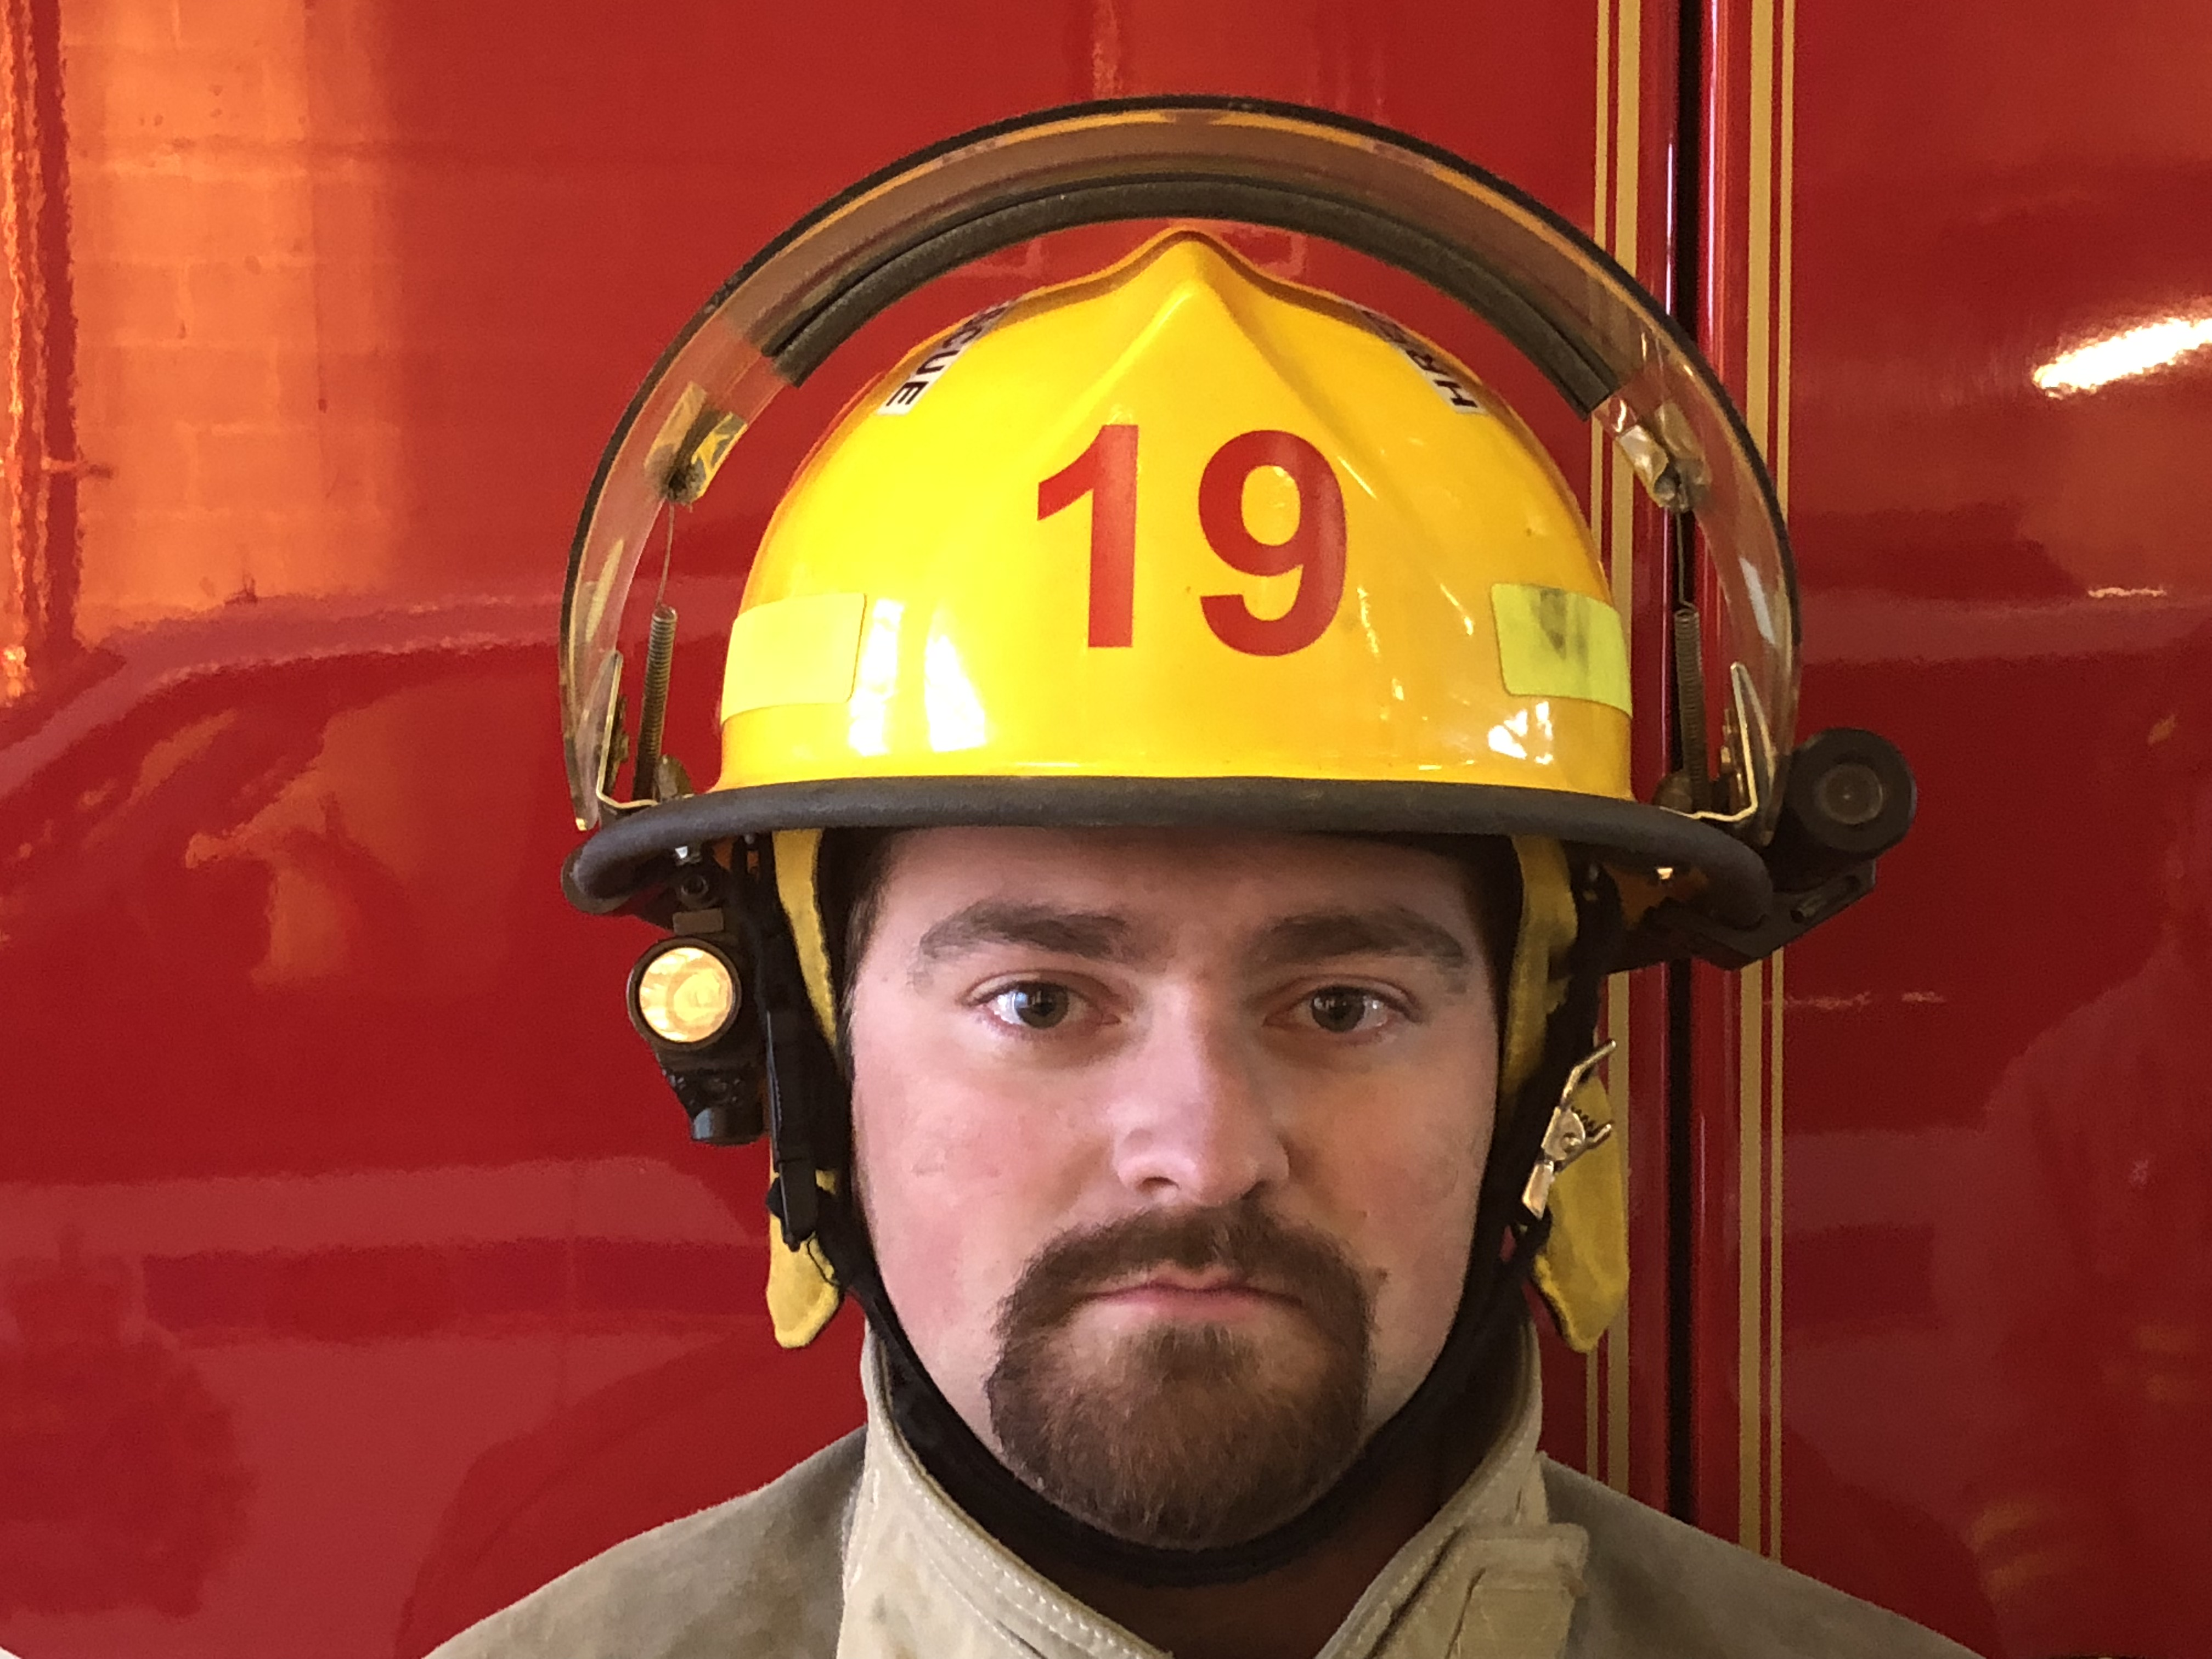 Firefighter 19